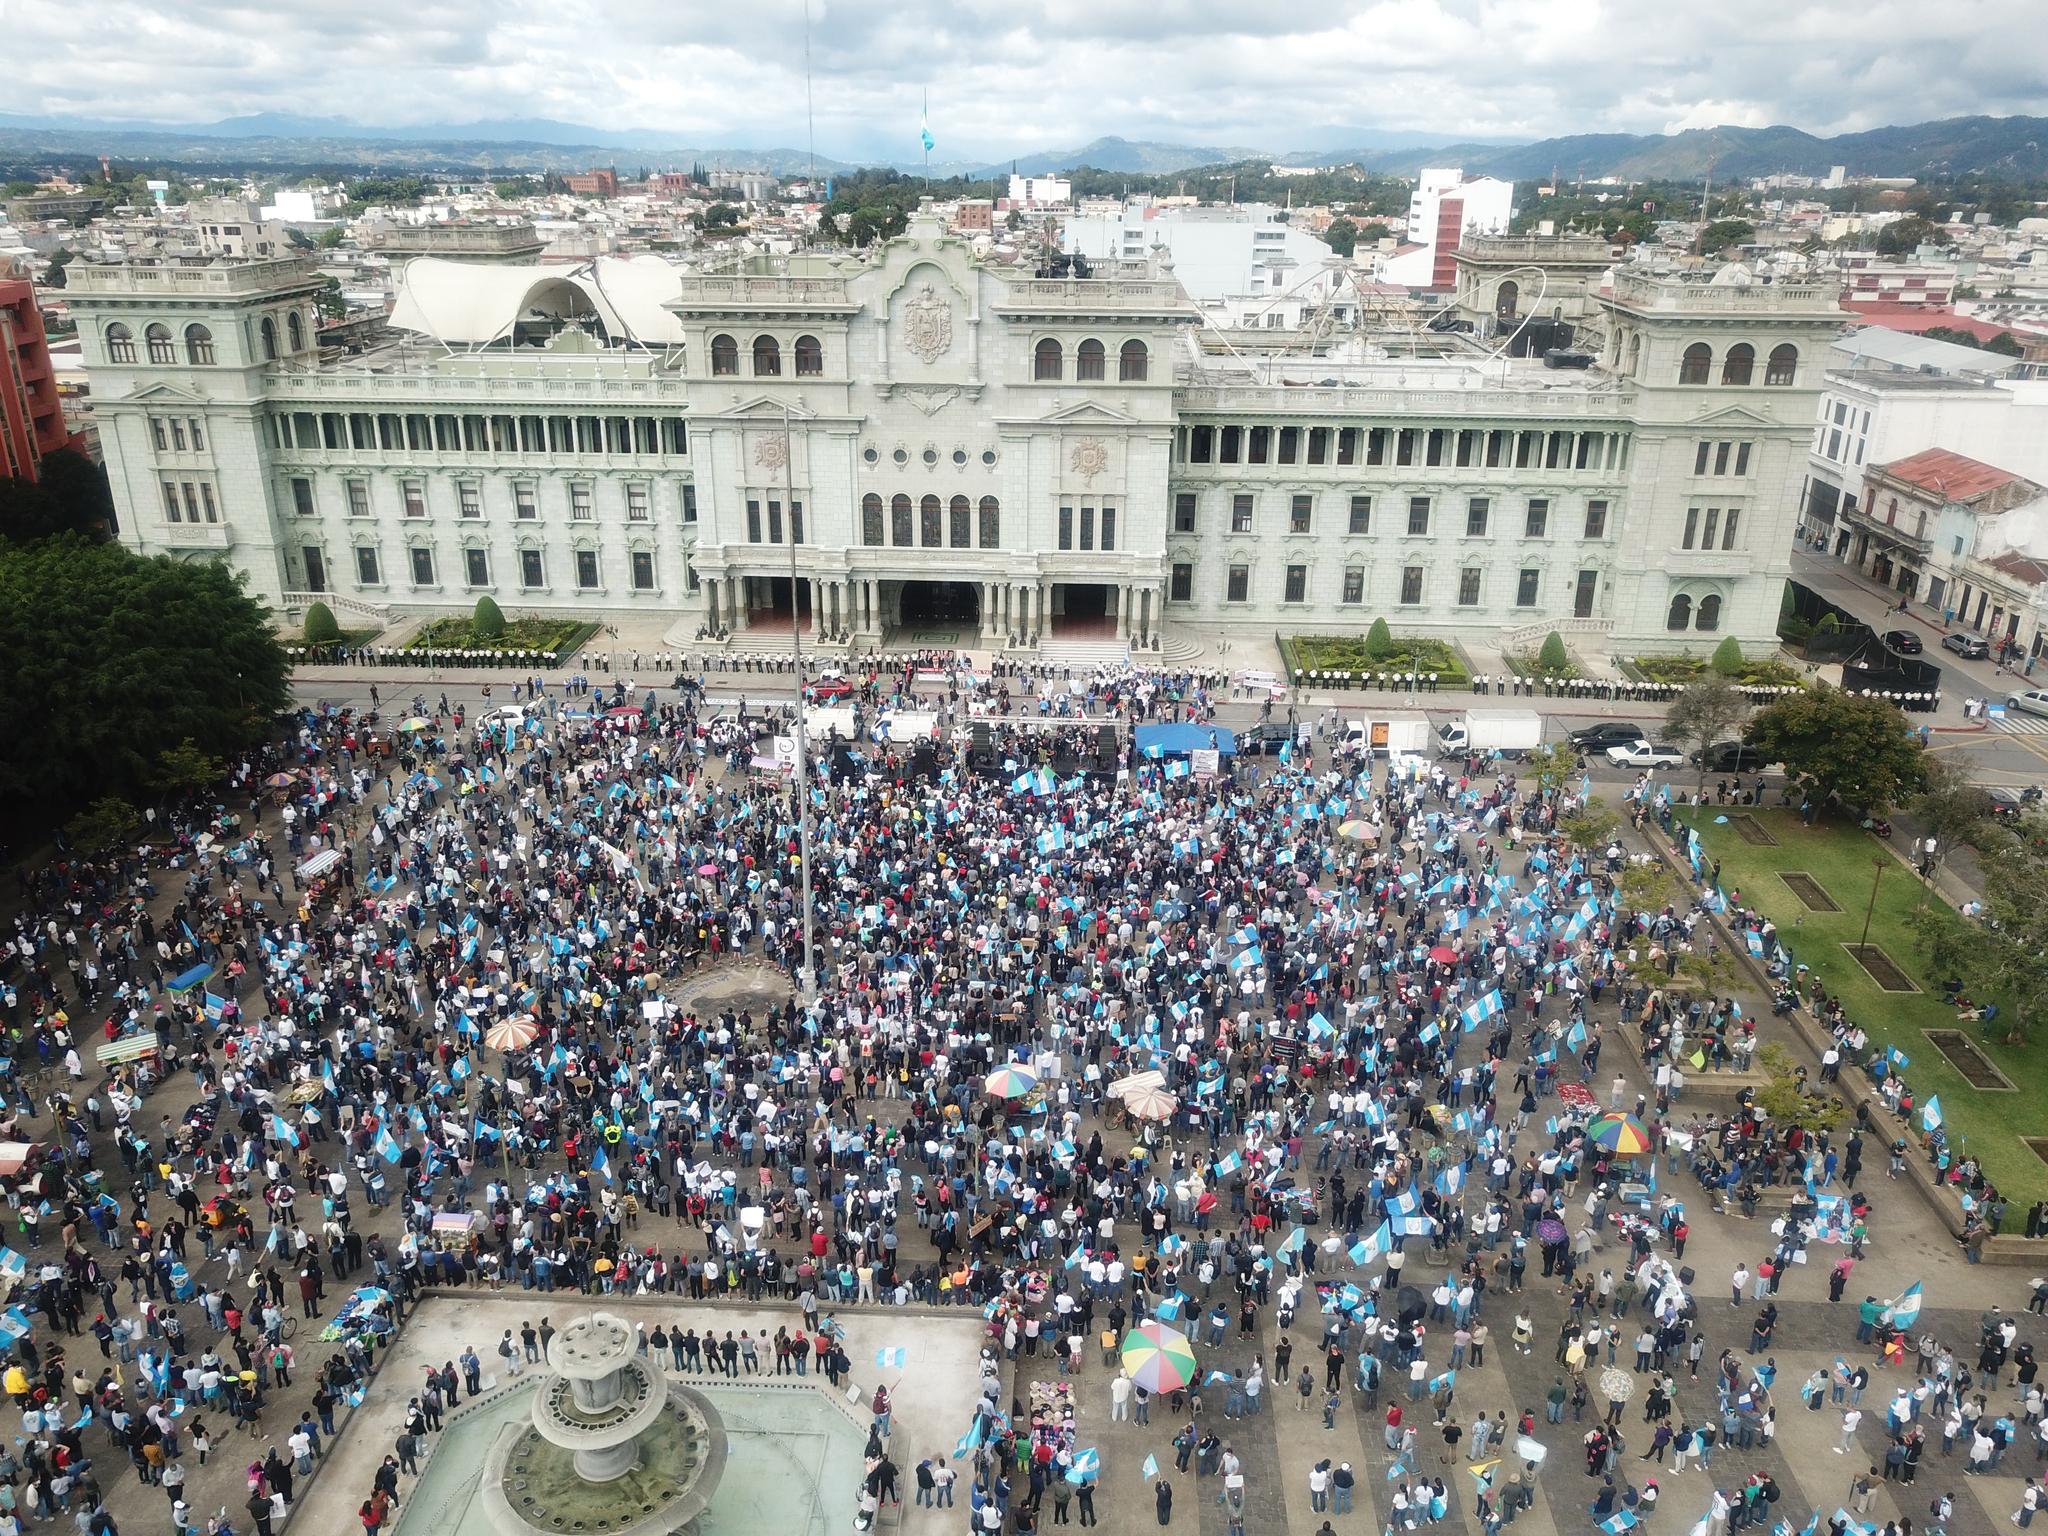 과테말라 반정부 시위대가 21 일 국회 의사당 앞 헌법 광장에 모여있다. EPA = 연합 뉴스